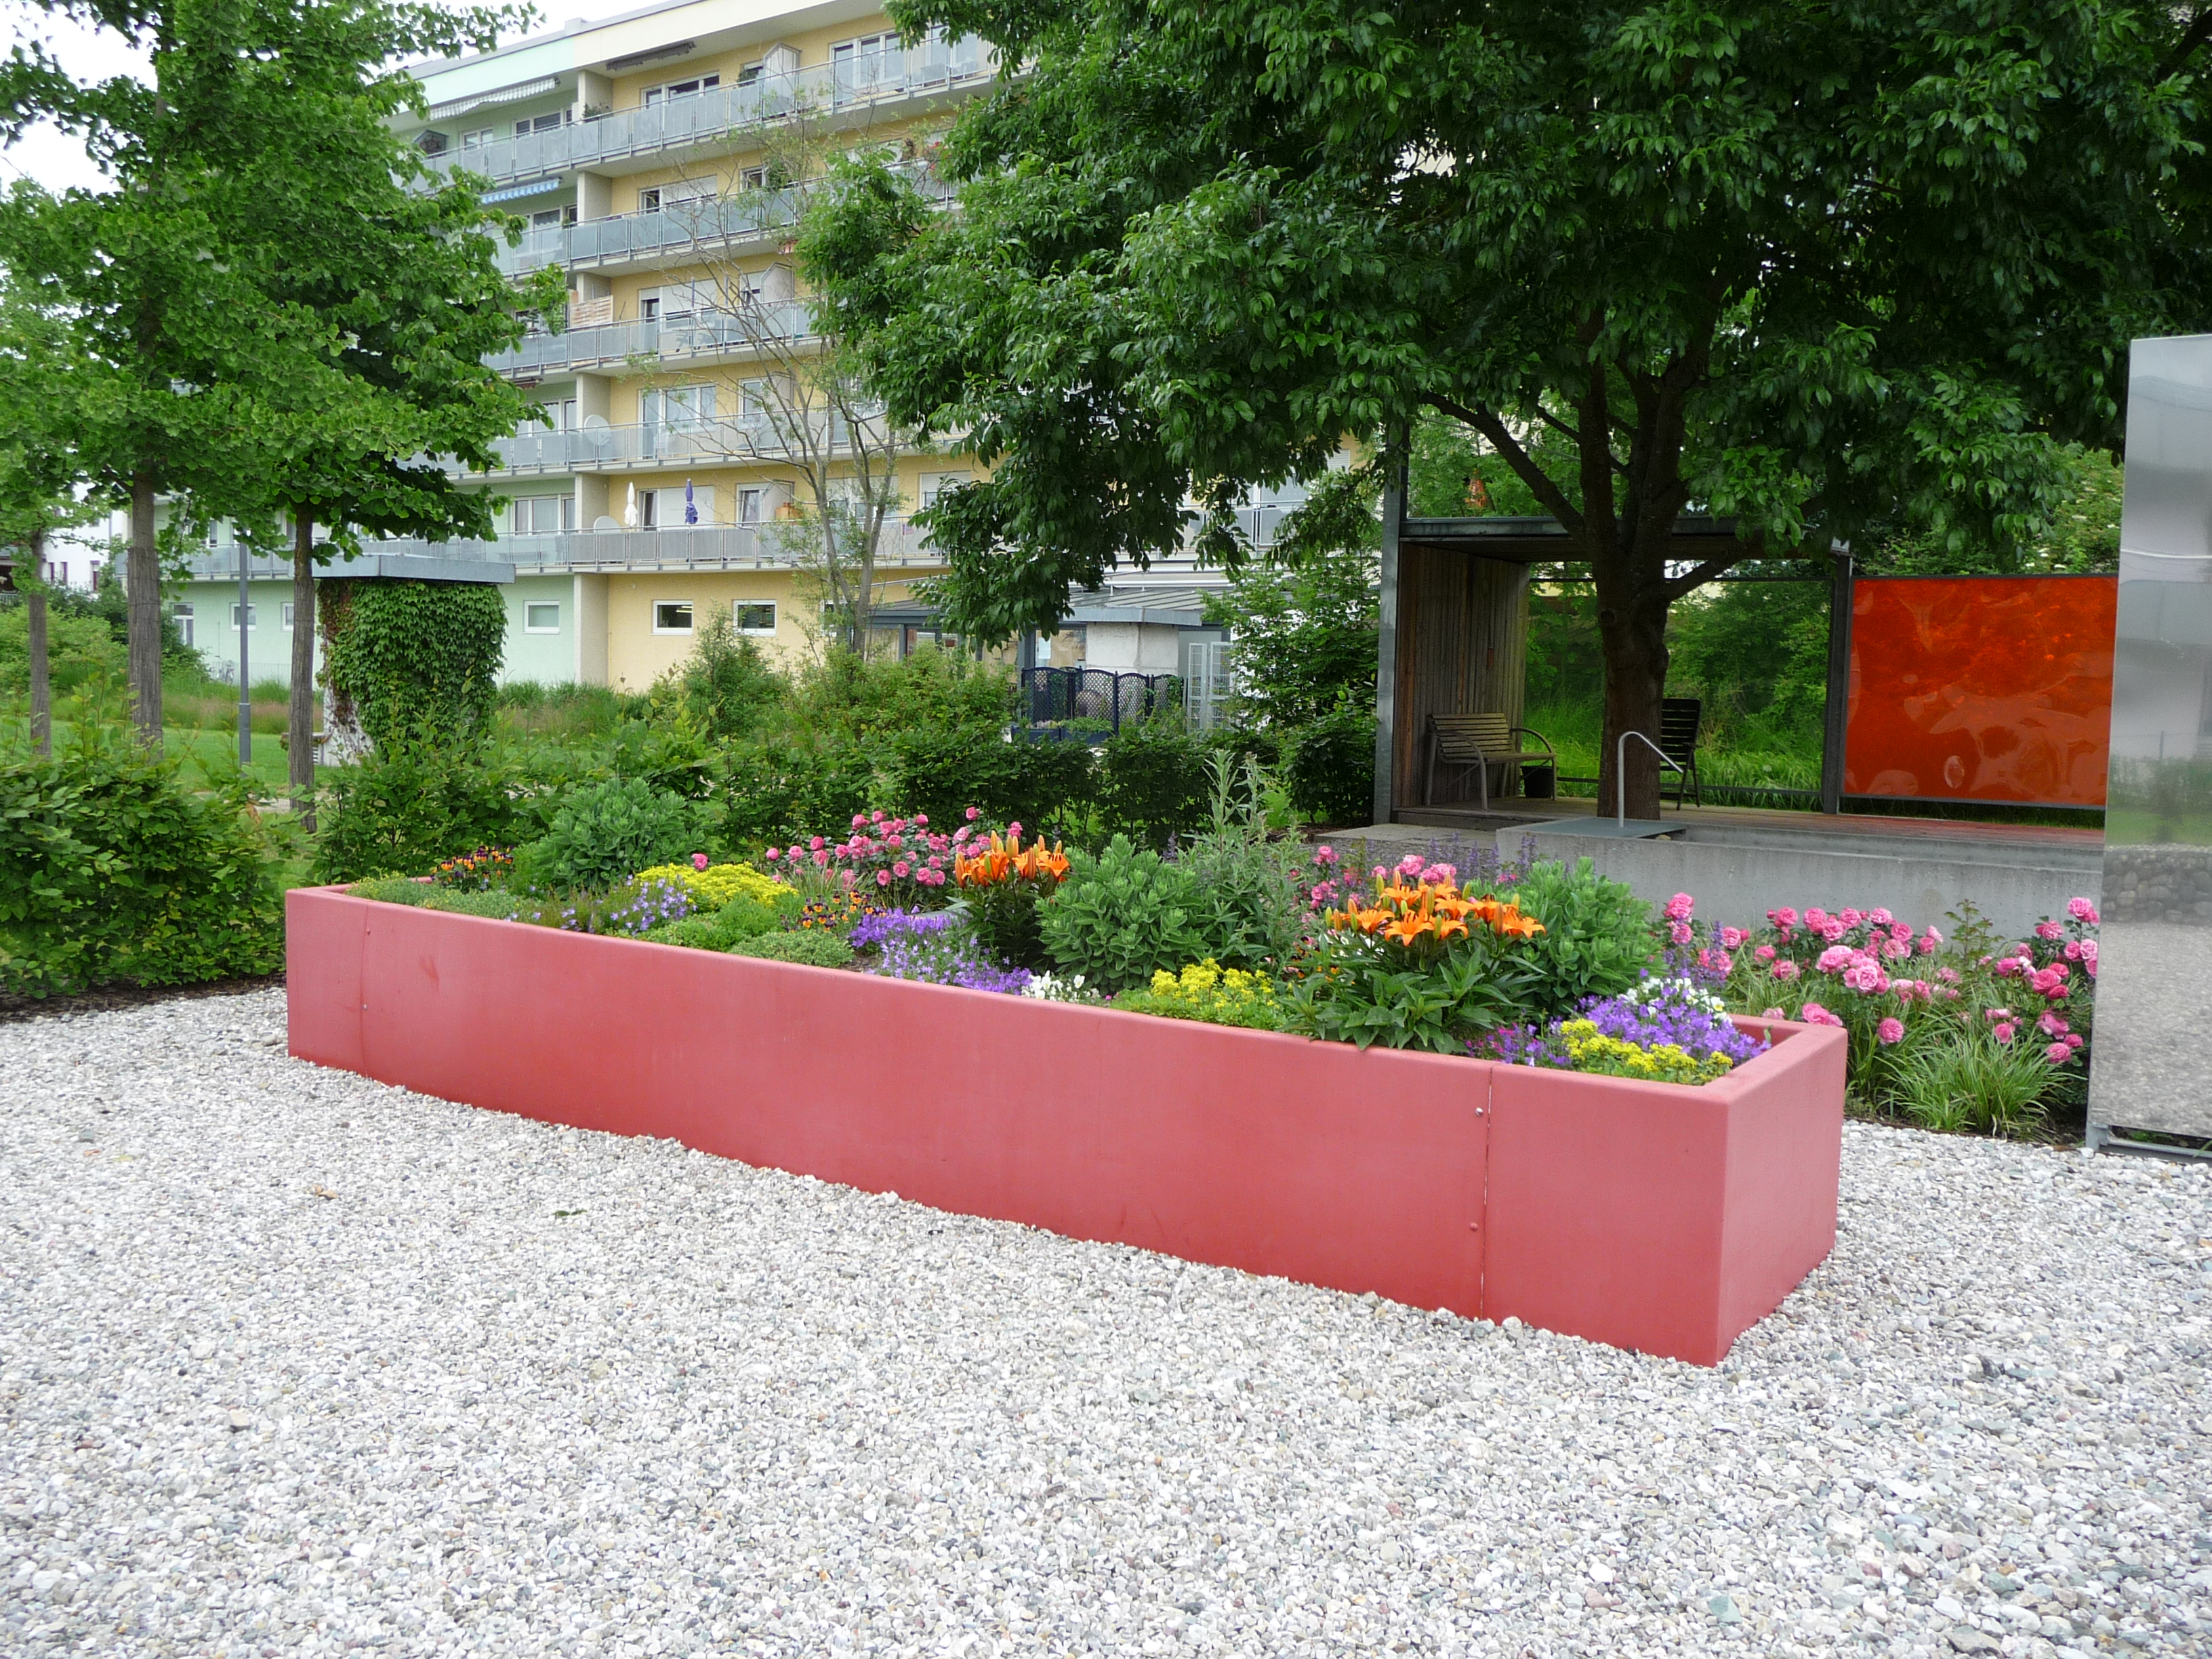 Park der Deutschen Einheit